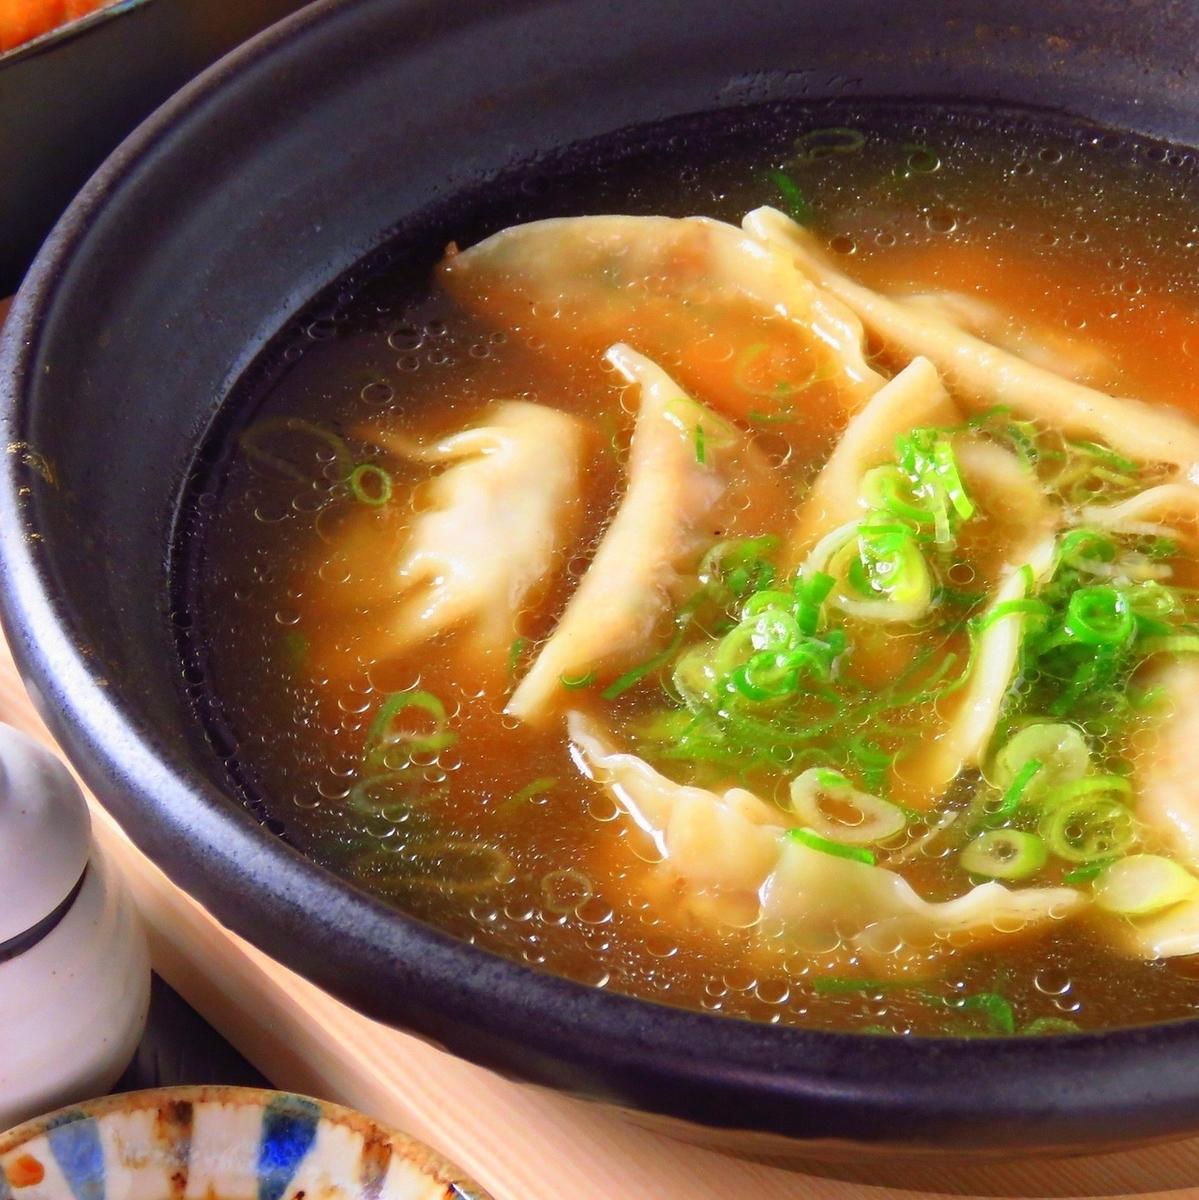 煮熟的饺子